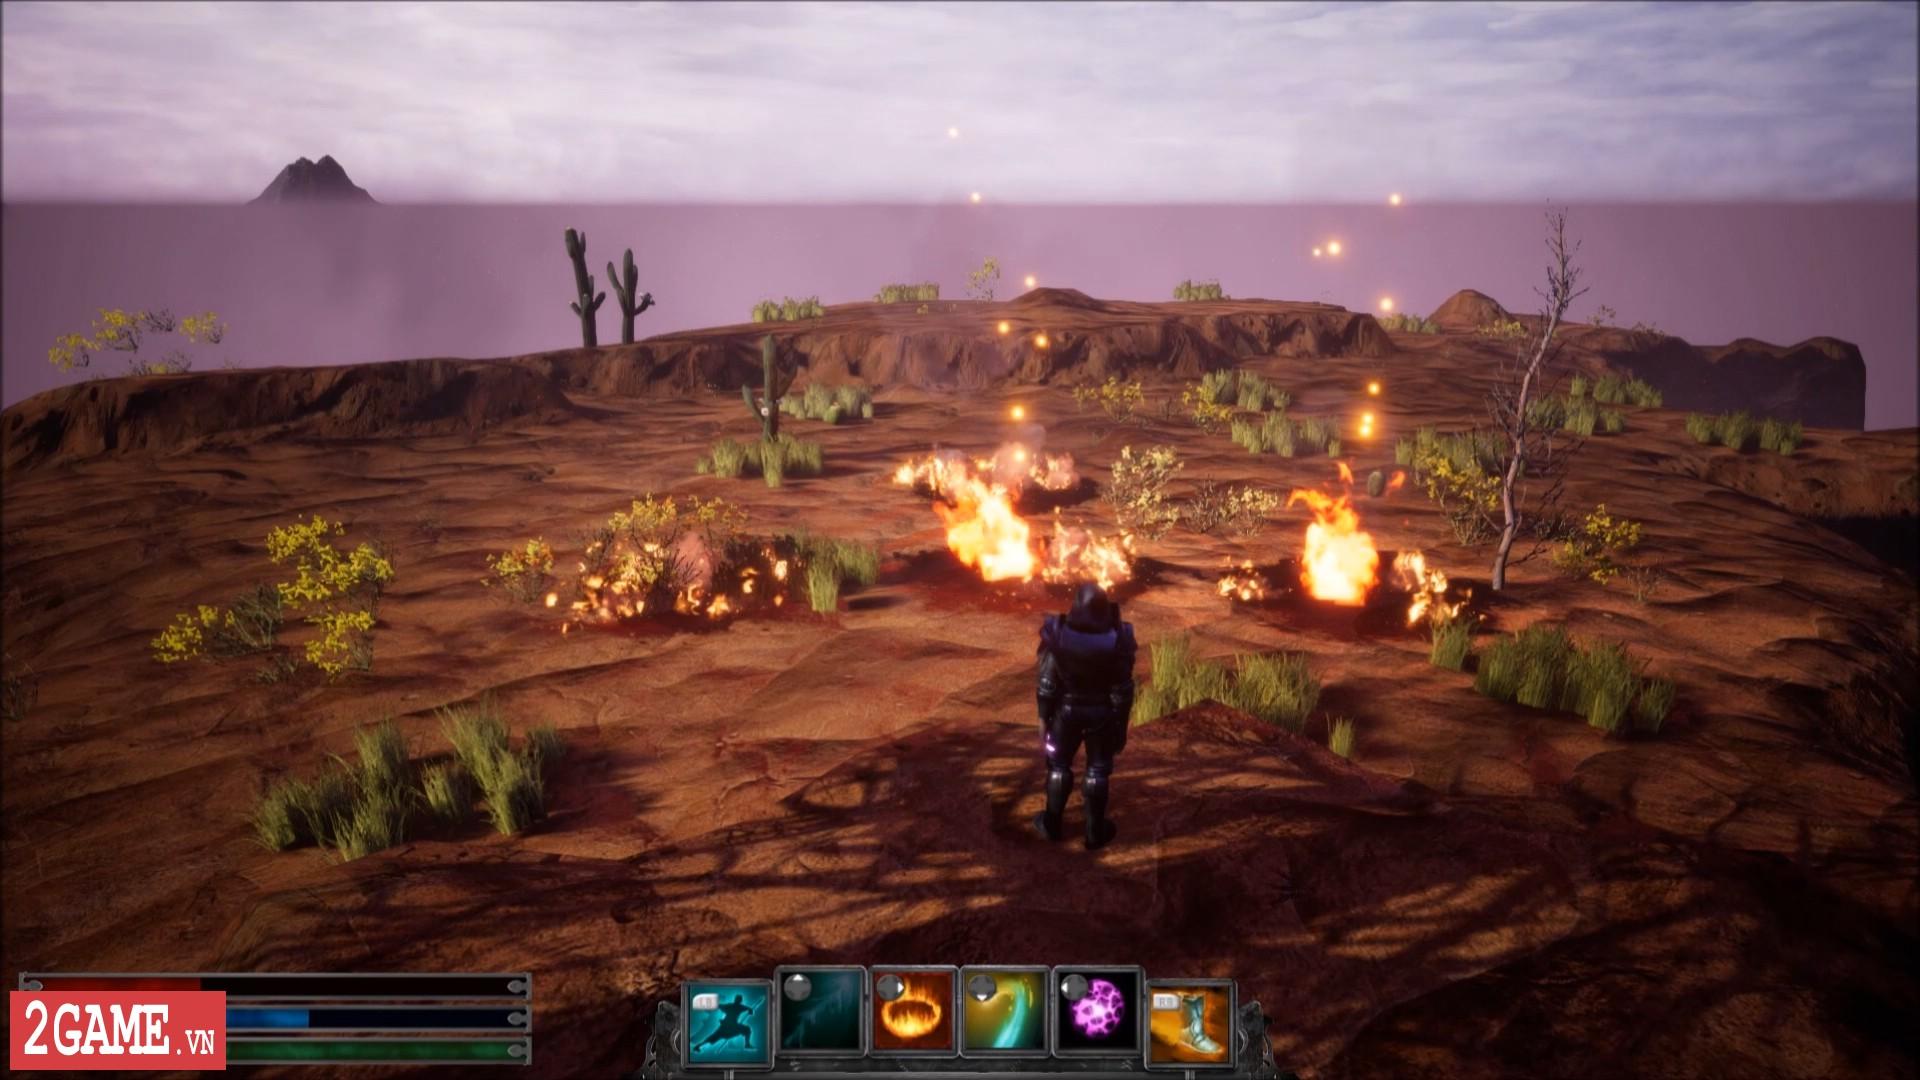 Fictorum - Game nhập vai thế giới mở cho người chơi trở thành những Phù thủy thực sự 6